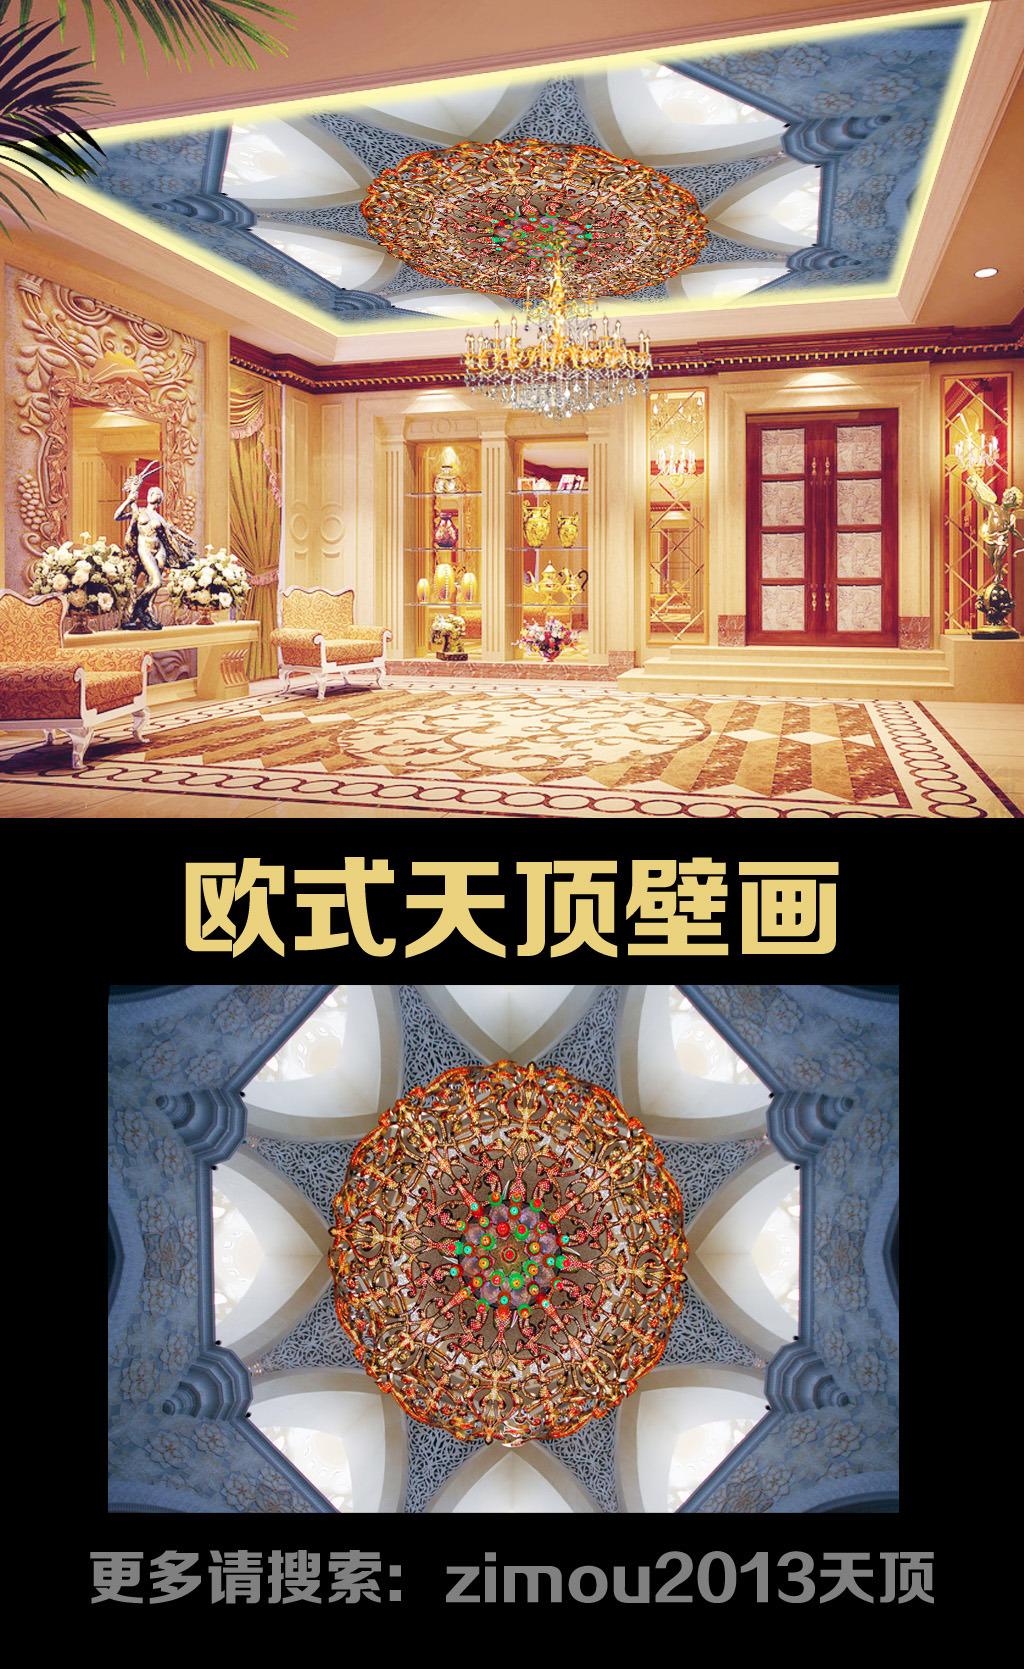 欧式客厅天花板天顶吊灯背景壁画装饰设计